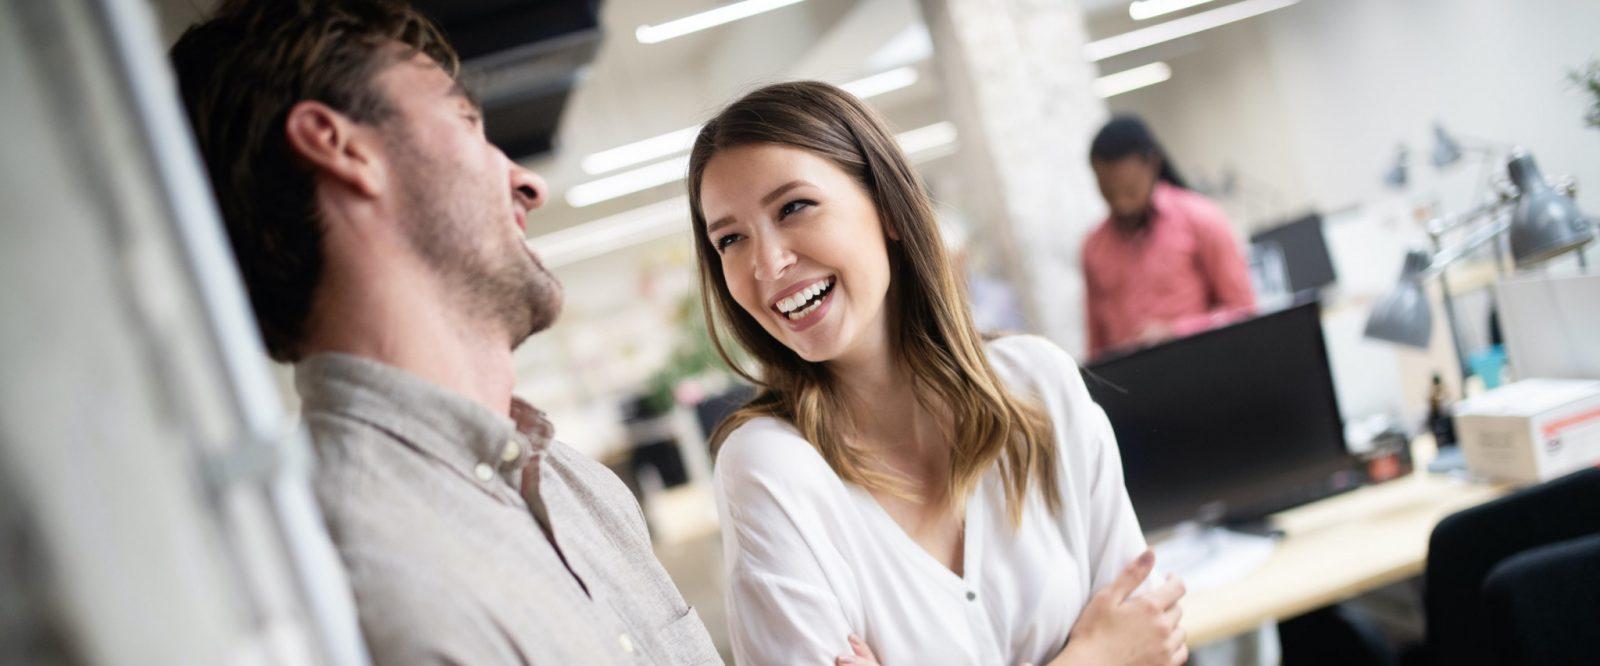 Två personer som skrattar och ler mot varandra